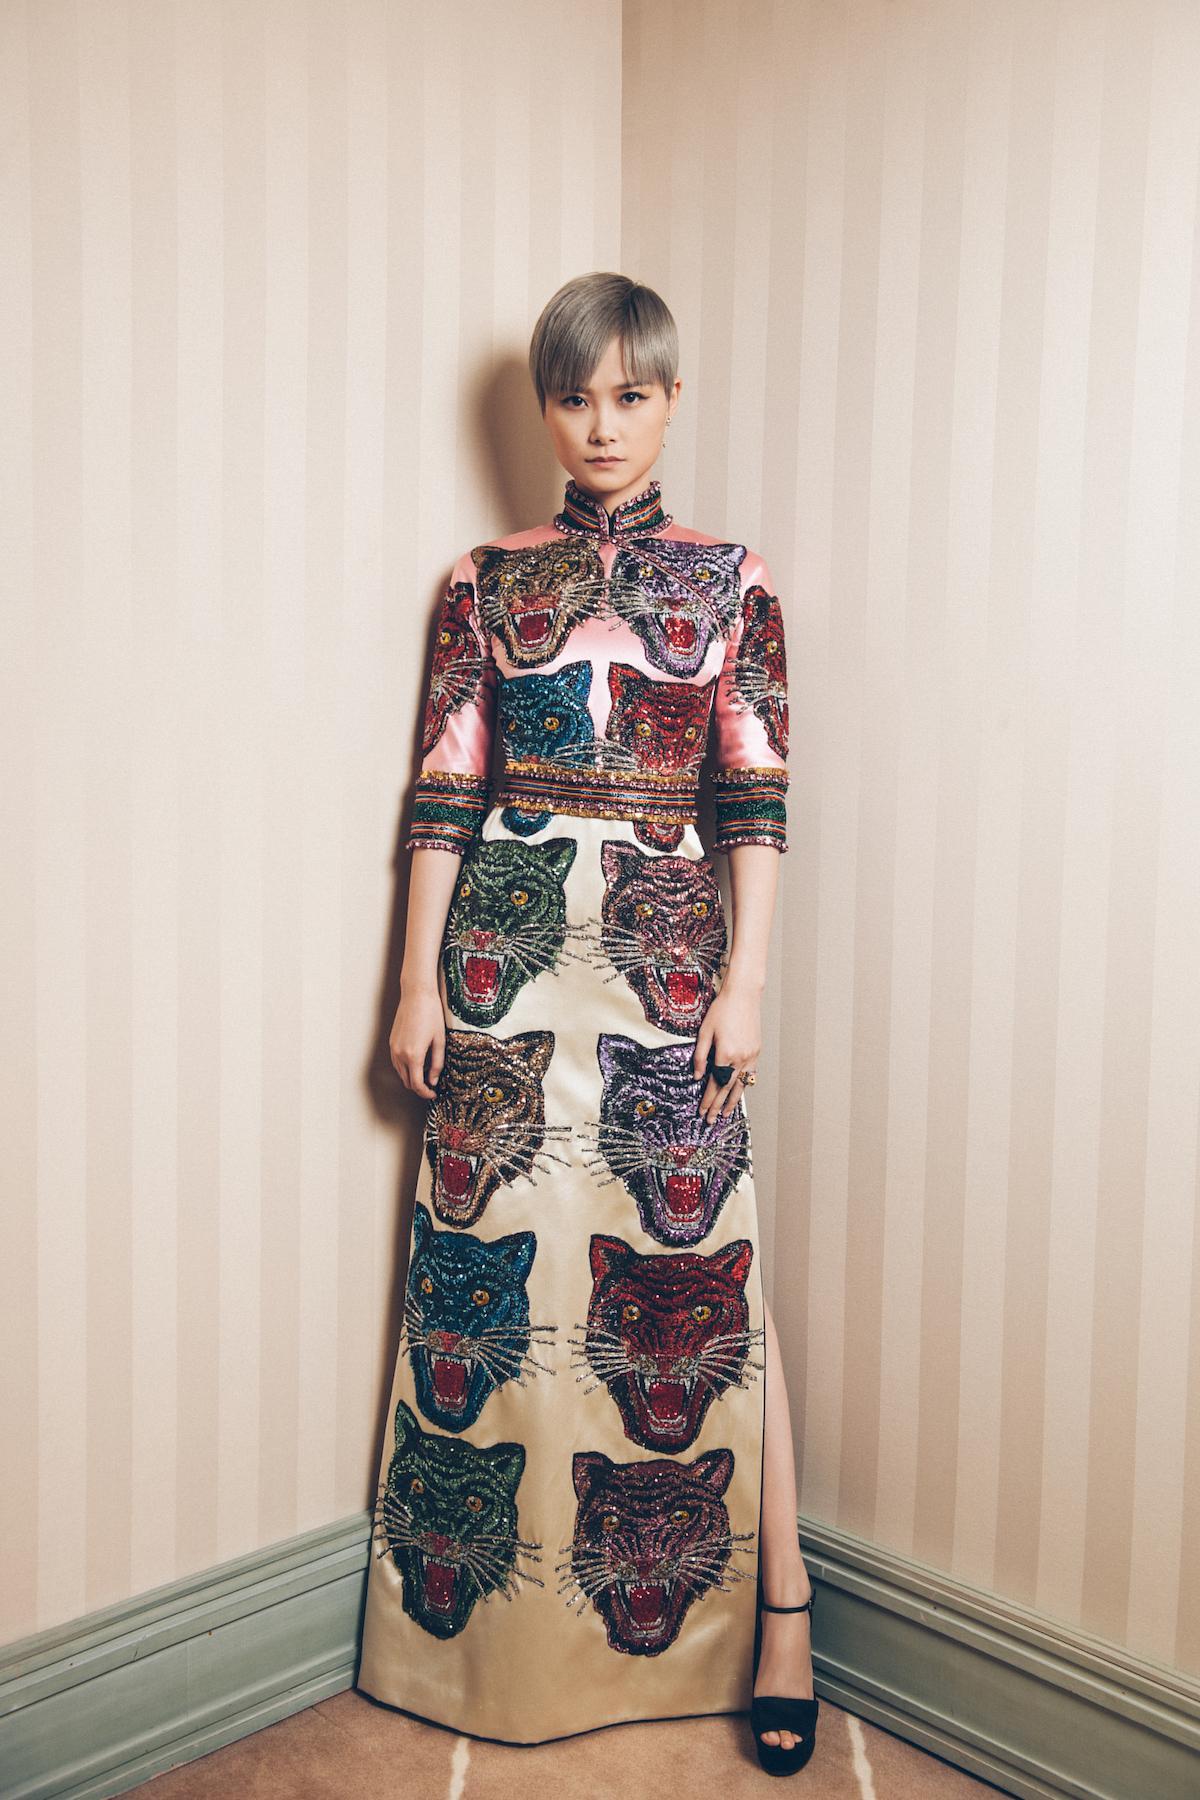 设计师alessandro michele为其特别定制的粉色及白色旗袍式拼接长裙